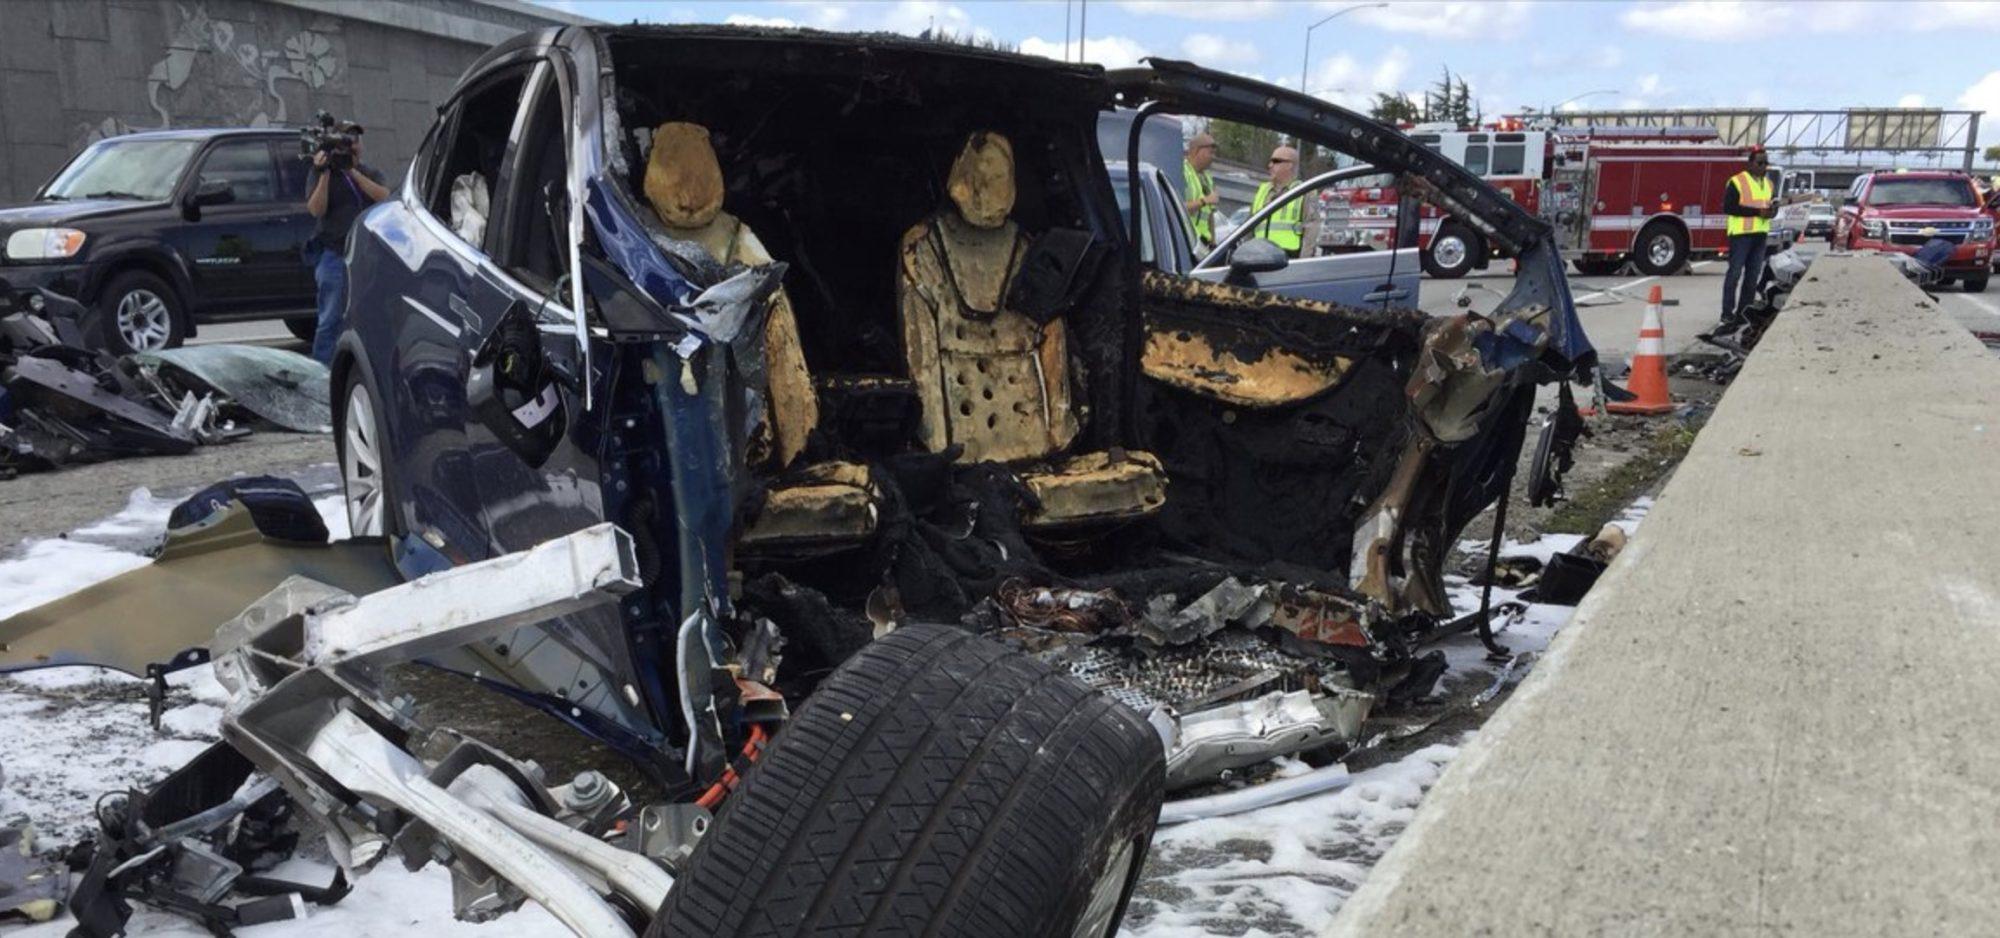 Предварительный ответ Tesla на последнее ДТП, где погиб водитель - 1